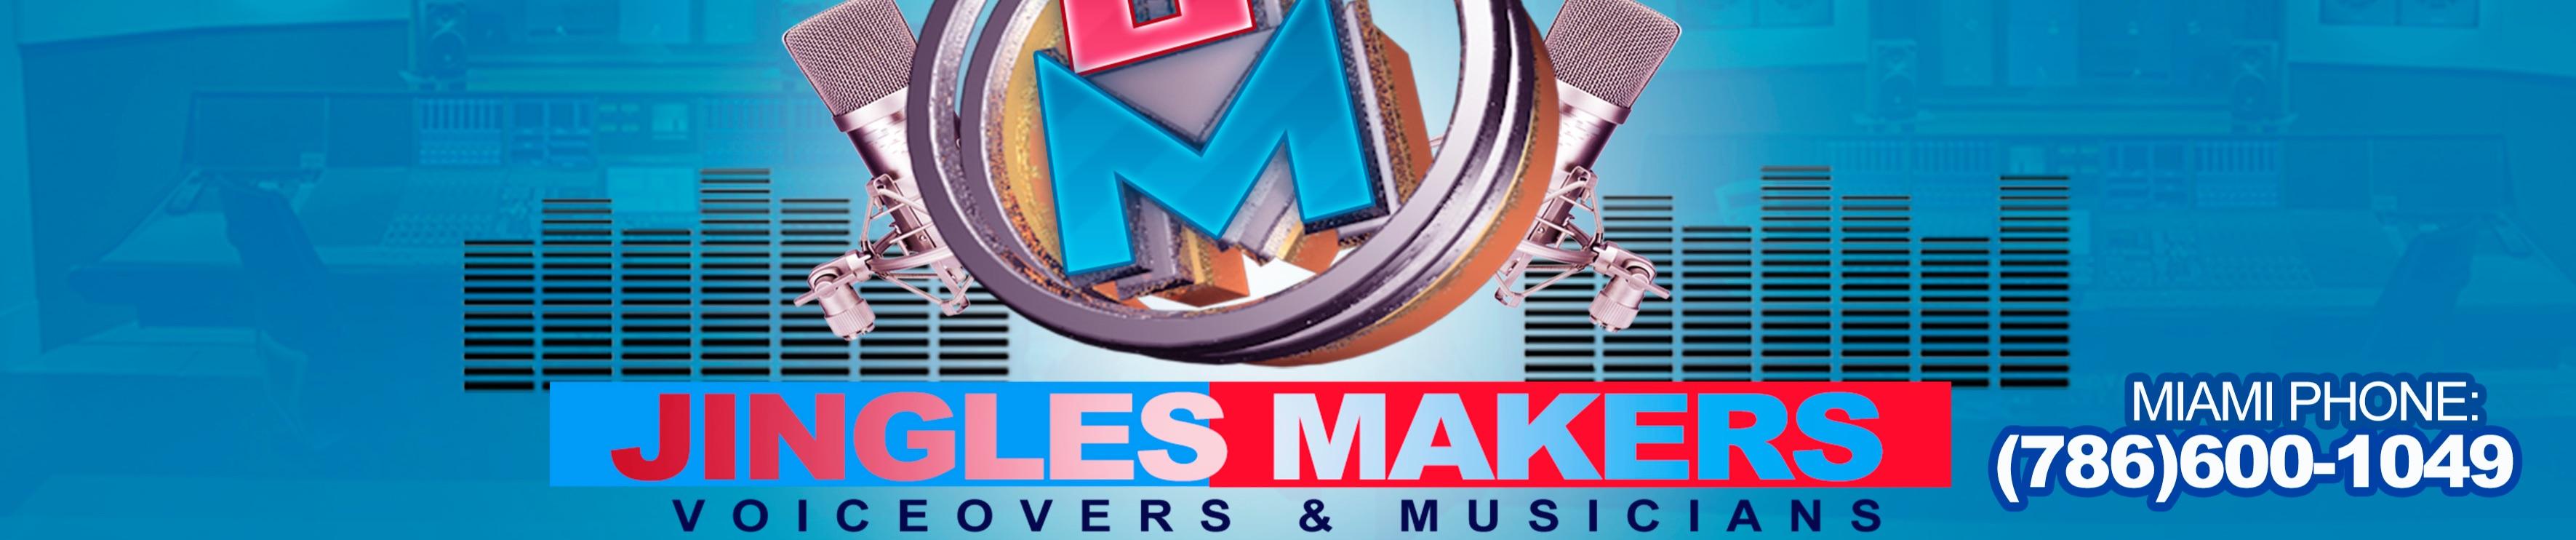 WALDEMARO MARTINEZ - NOMBRES DE DJS by Marcelo Caputo | Free